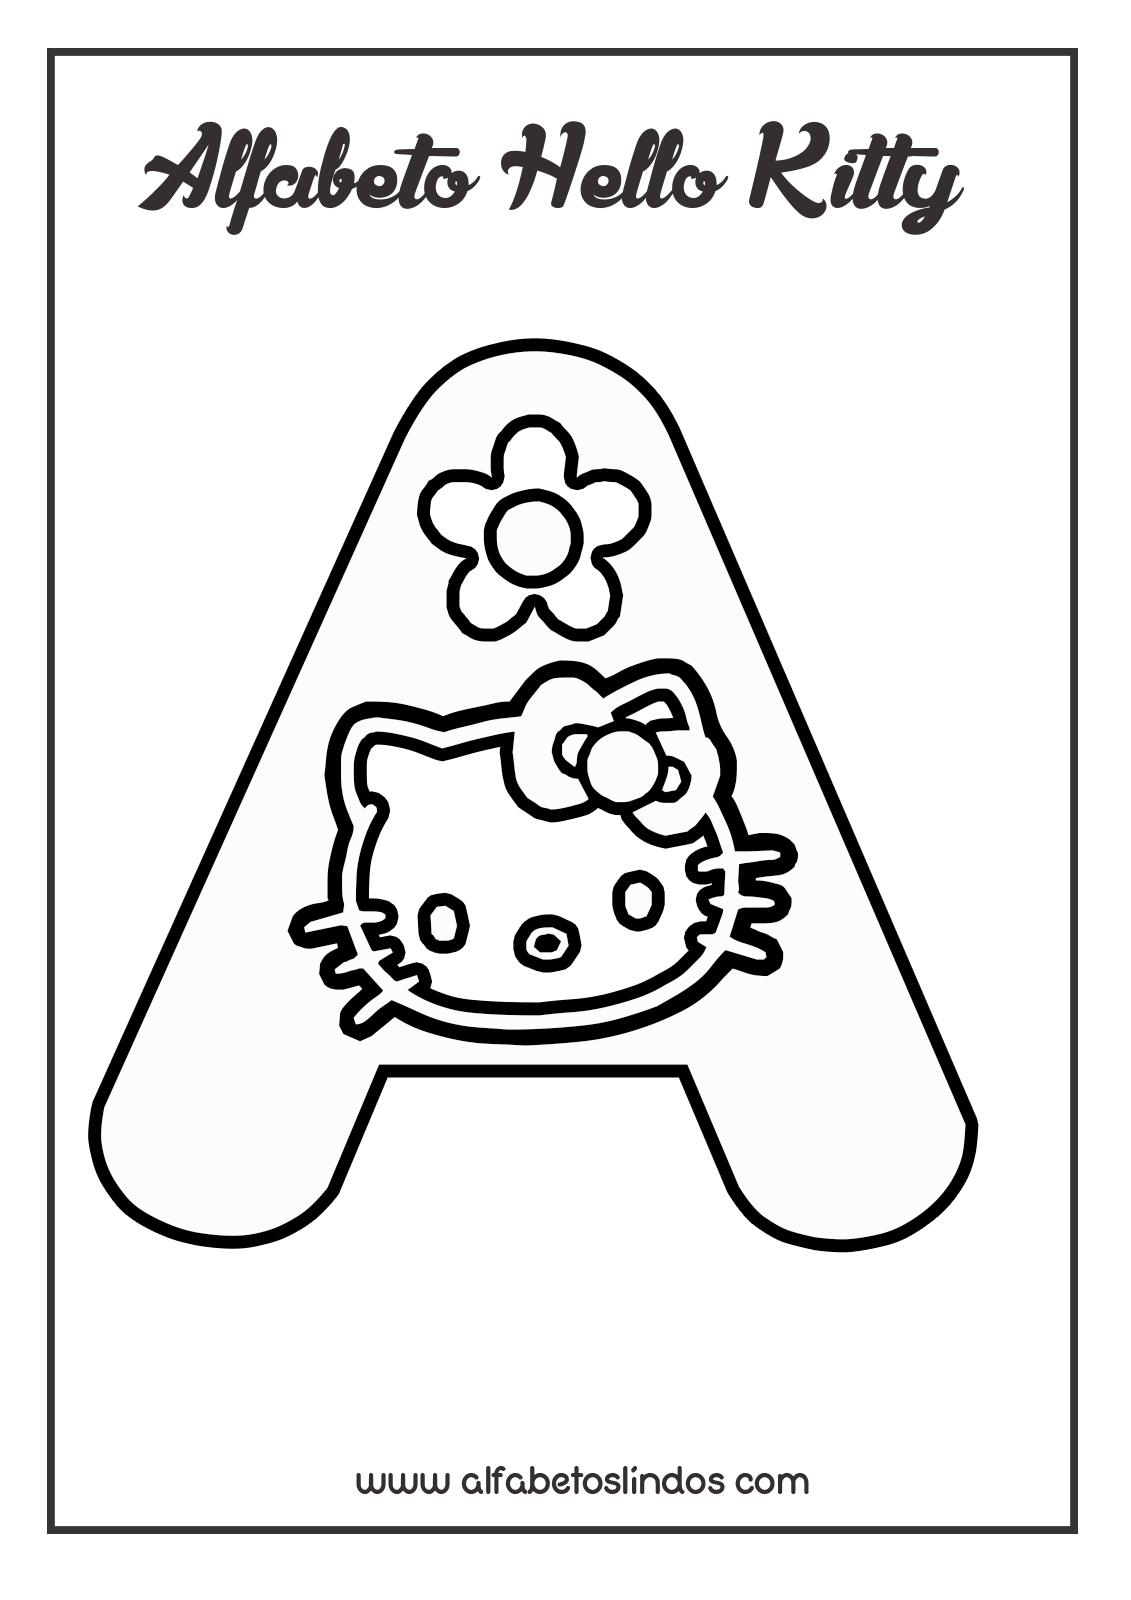 Moldes De Letras Do Alfabeto Da Hello Kitty Para Imprimir E